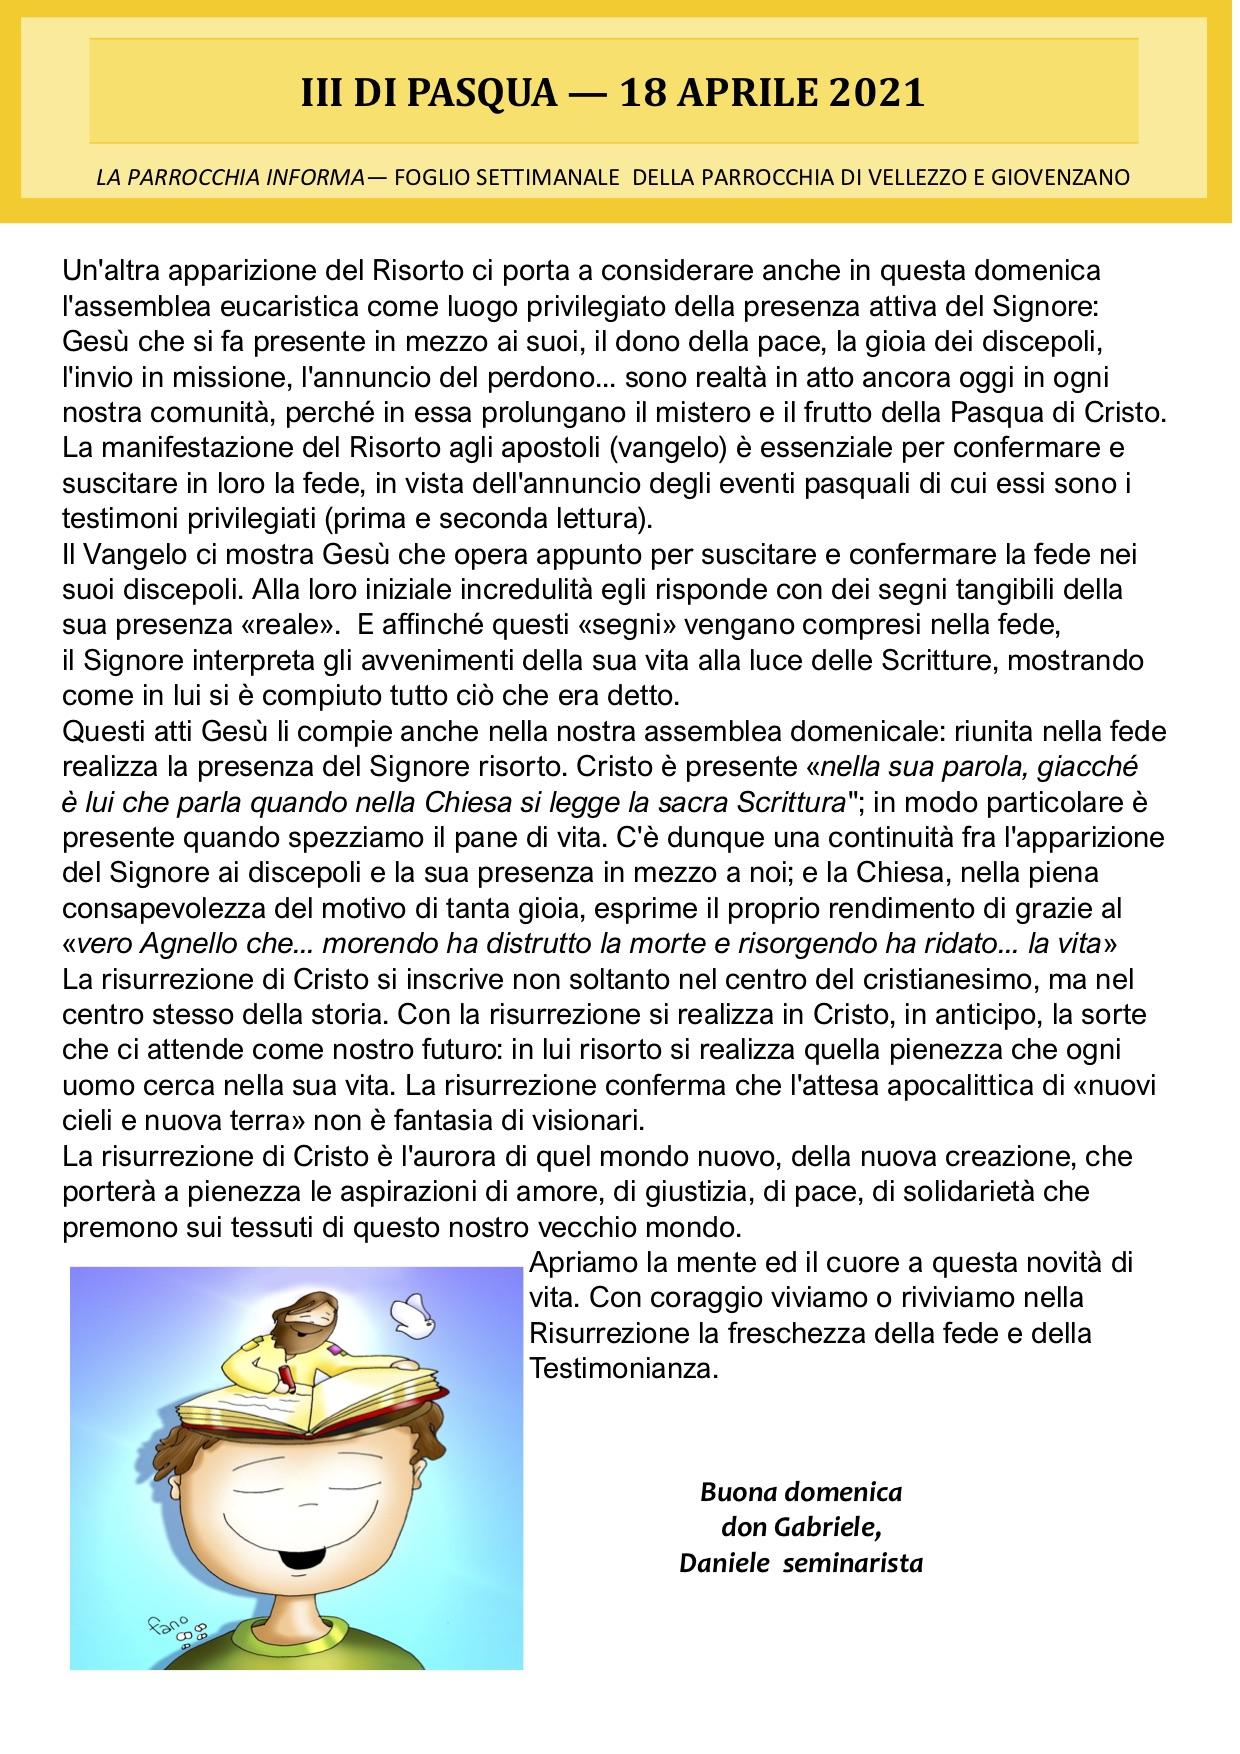 III di Pasqua, 18 Aprile 2021, Foglio Settimanale della Parrocchia di Vellezzo e Giovenzano, La Parrocchia Informa